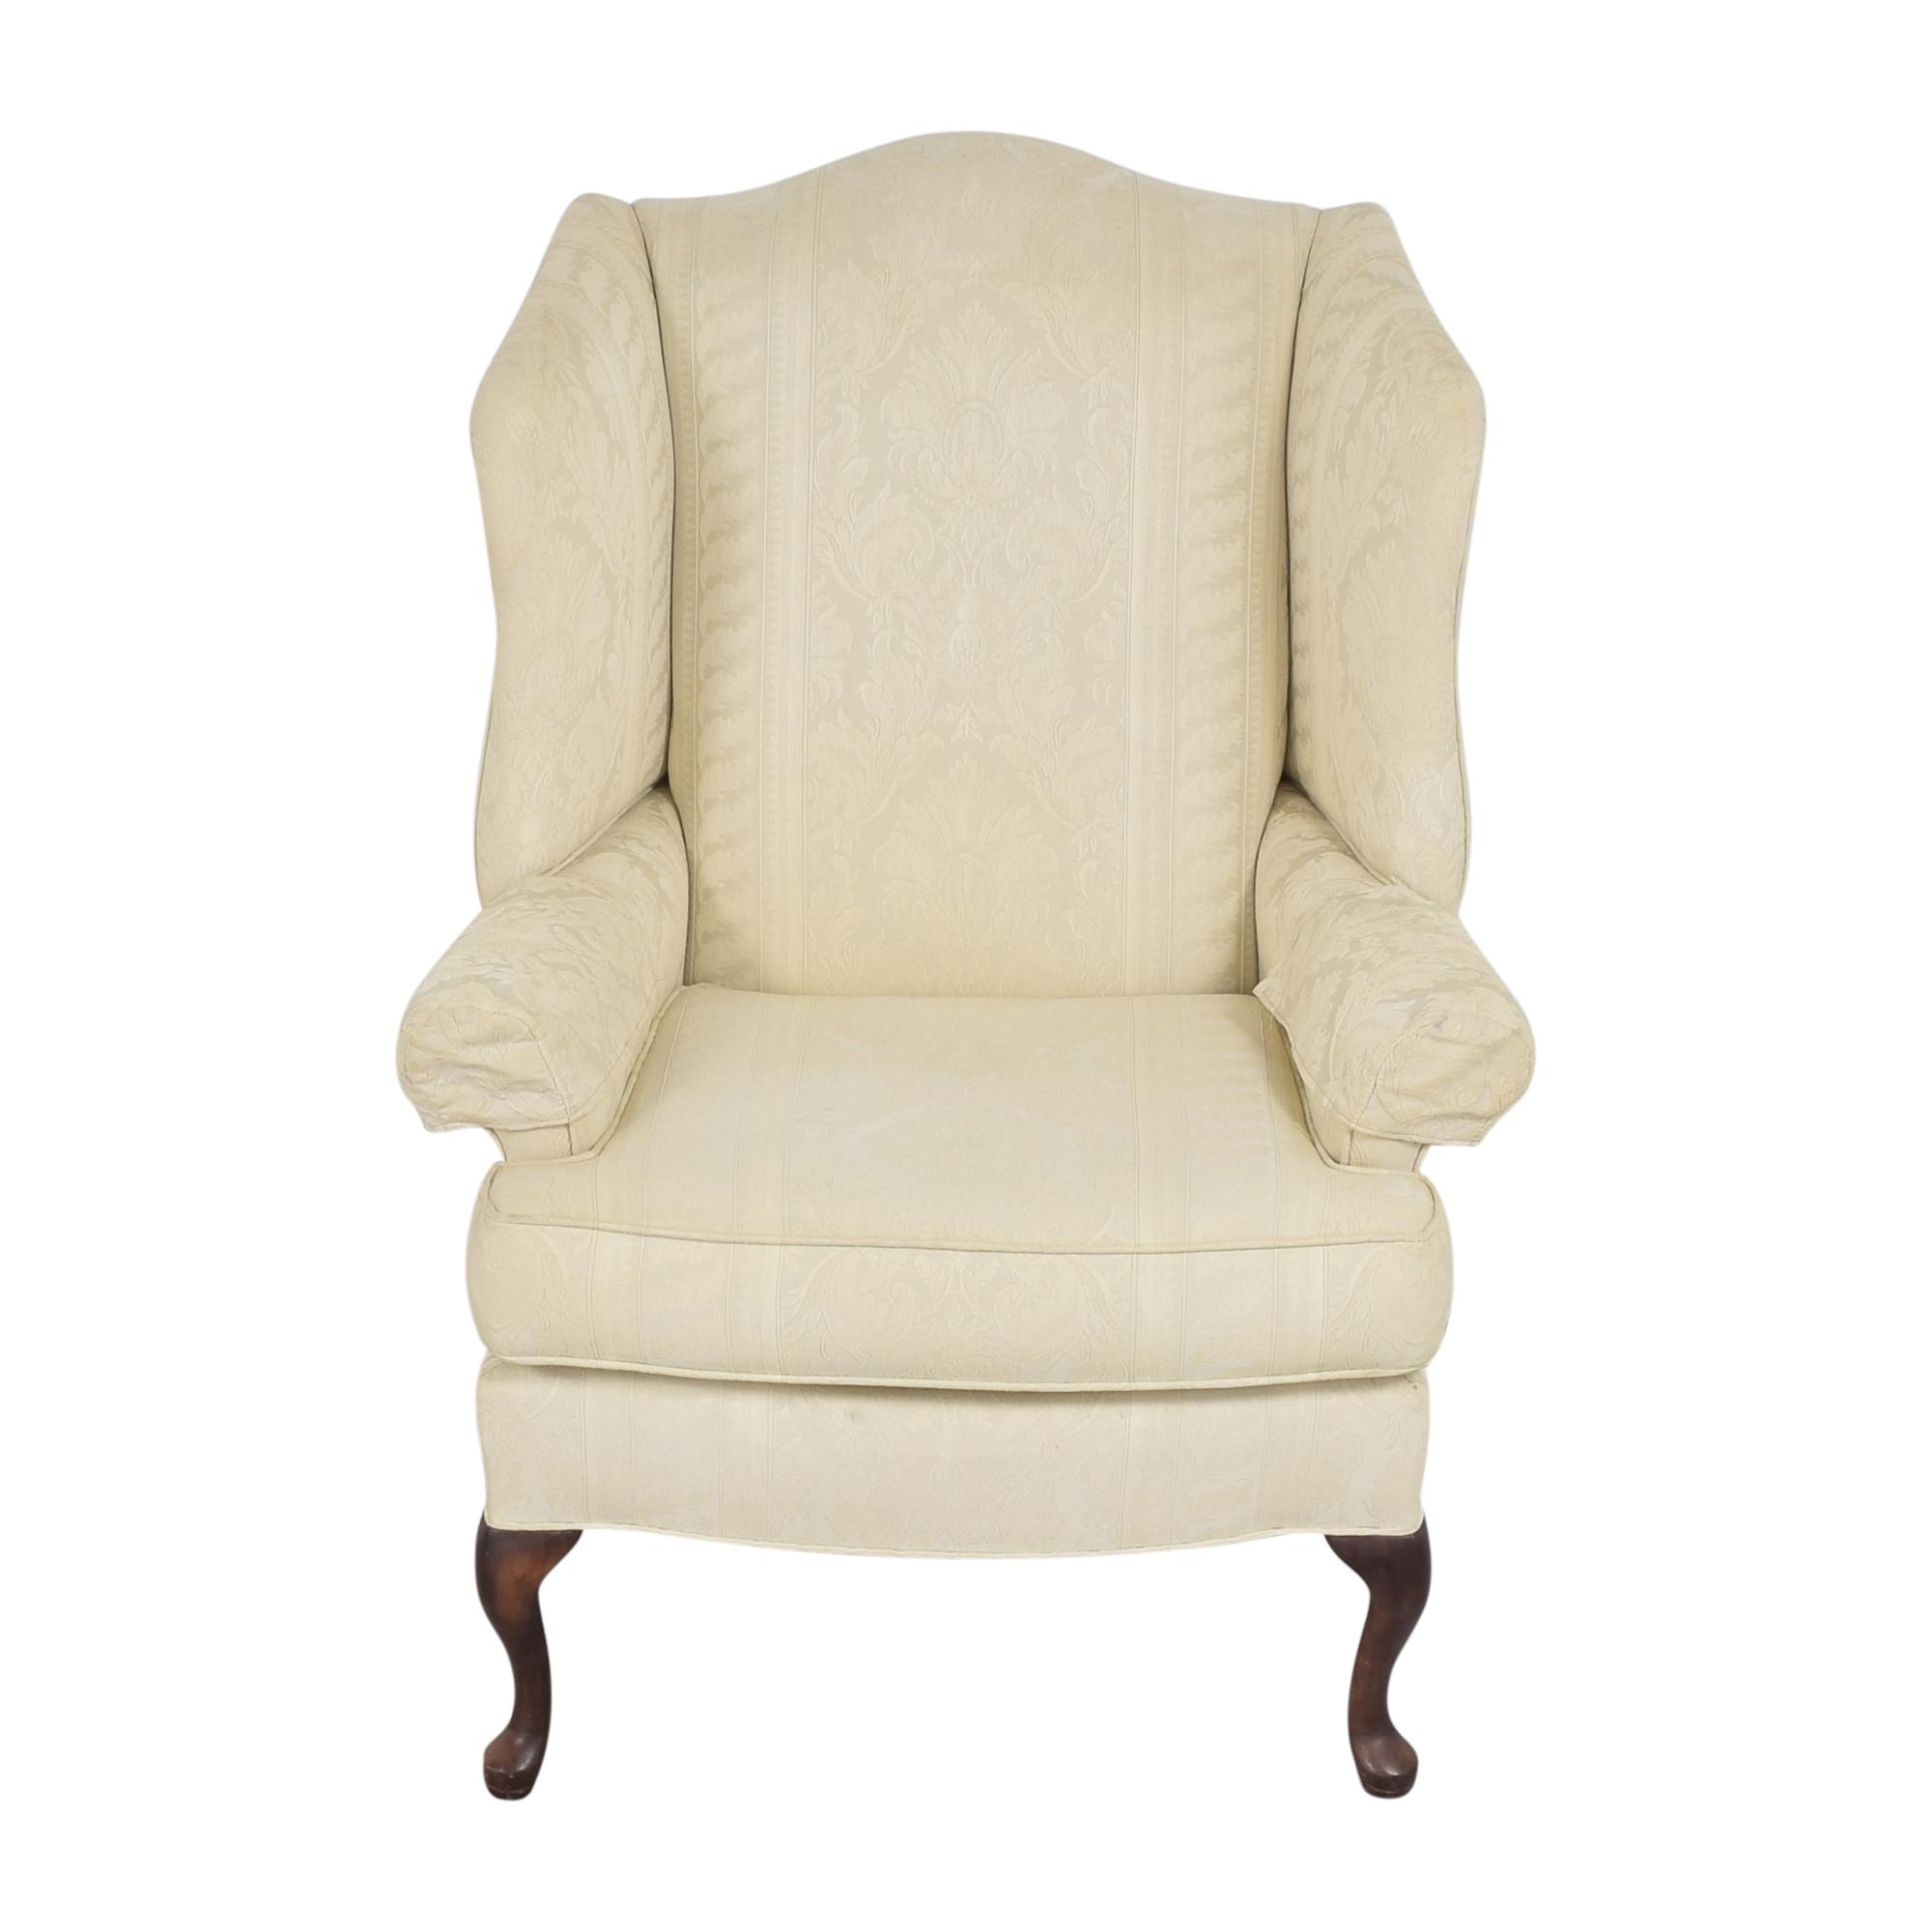 shop Hamilton House Hamilton House Wing Accent Chair  online